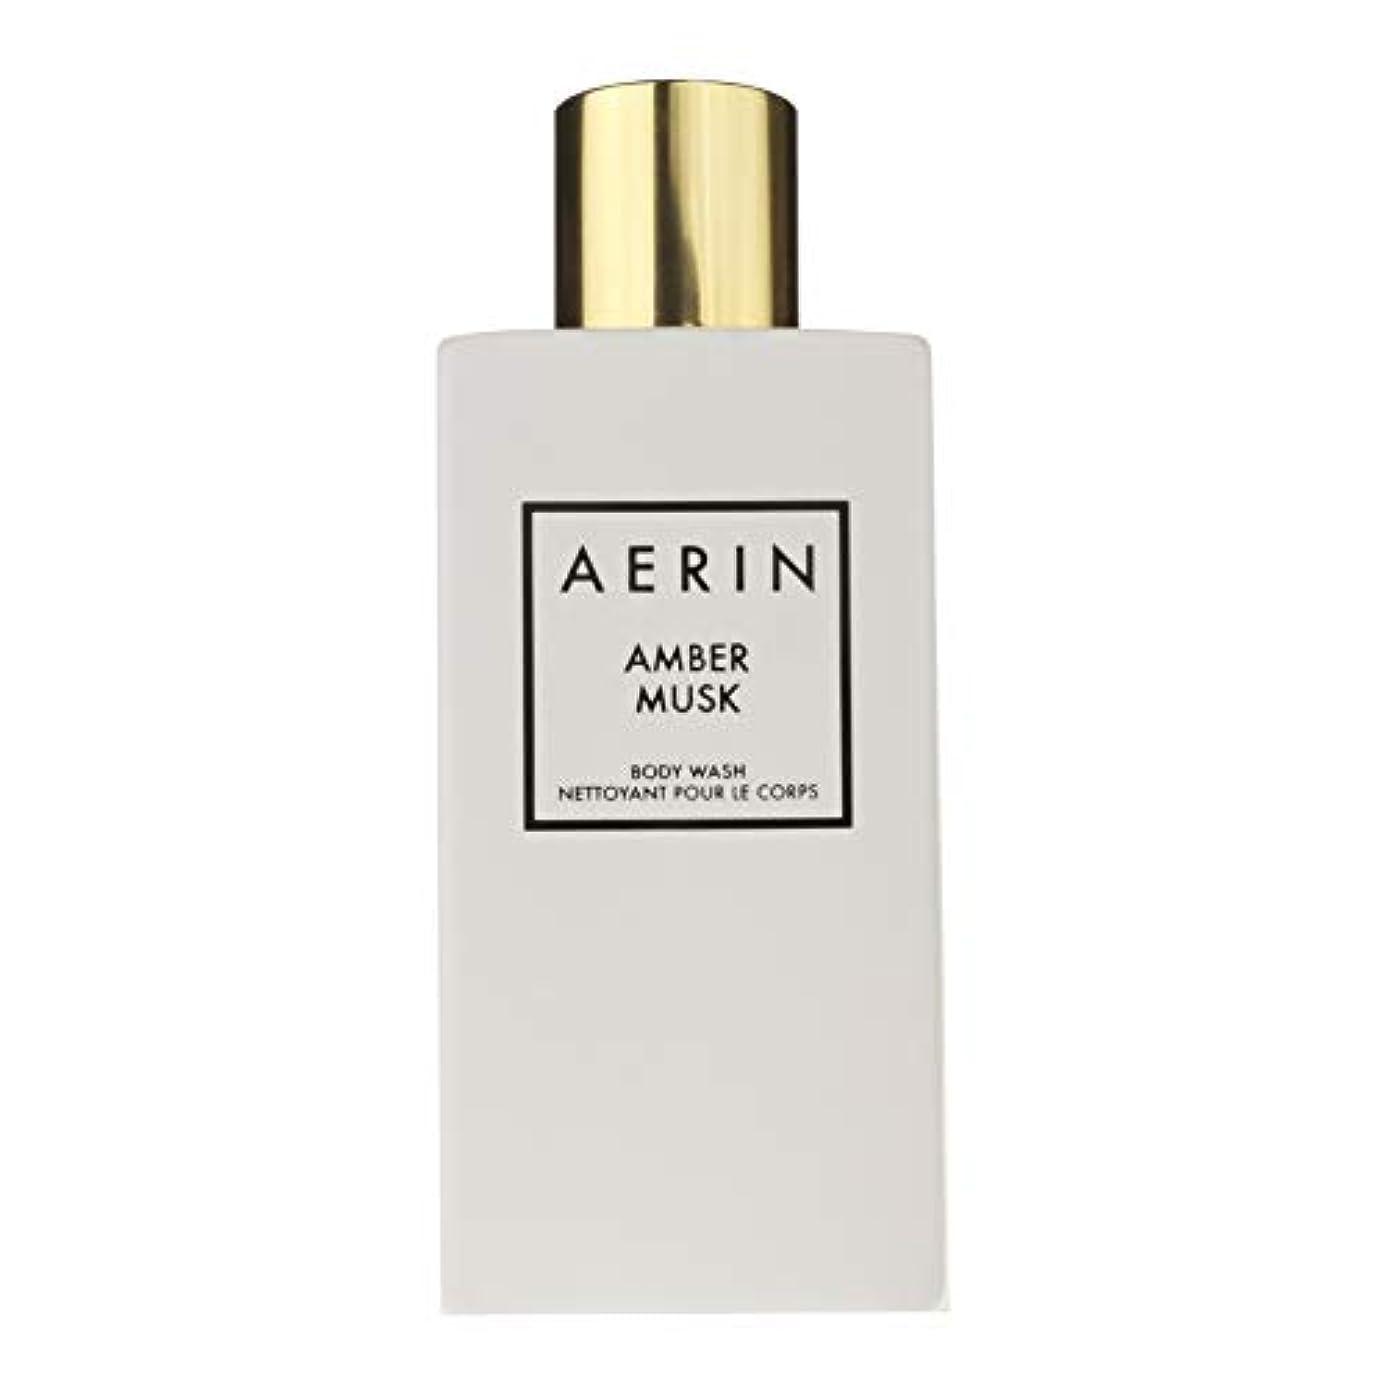 心臓たとえ持続的AERIN 'Amber Musk' (アエリン アンバームスク) 7.6 oz (228ml) Body Wash ボディーウオッシュ by Estee Lauder